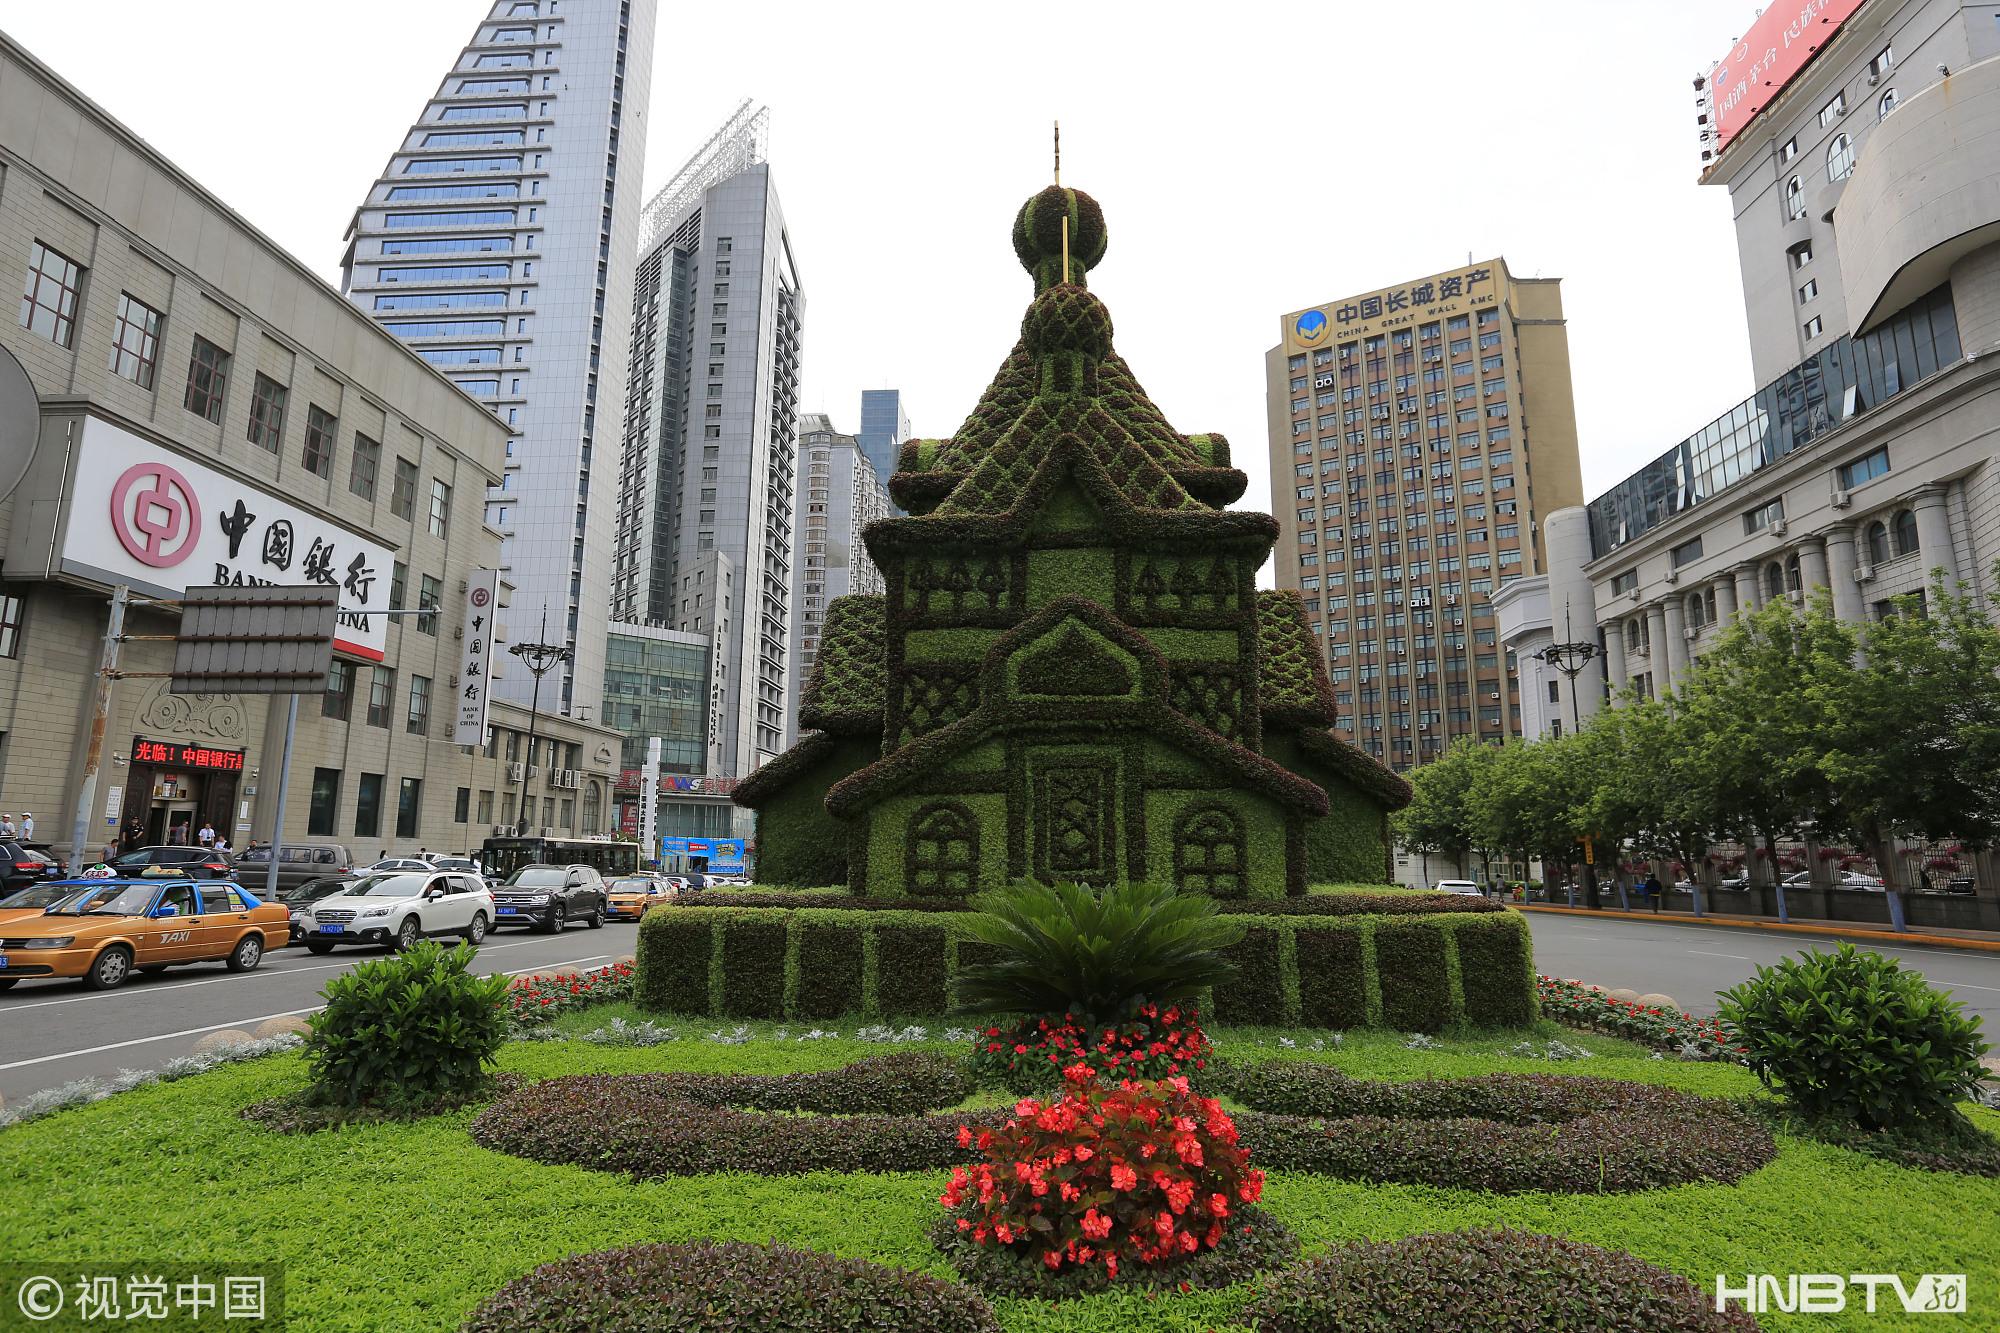 哈尔滨绿色教堂亮相街头(组图)